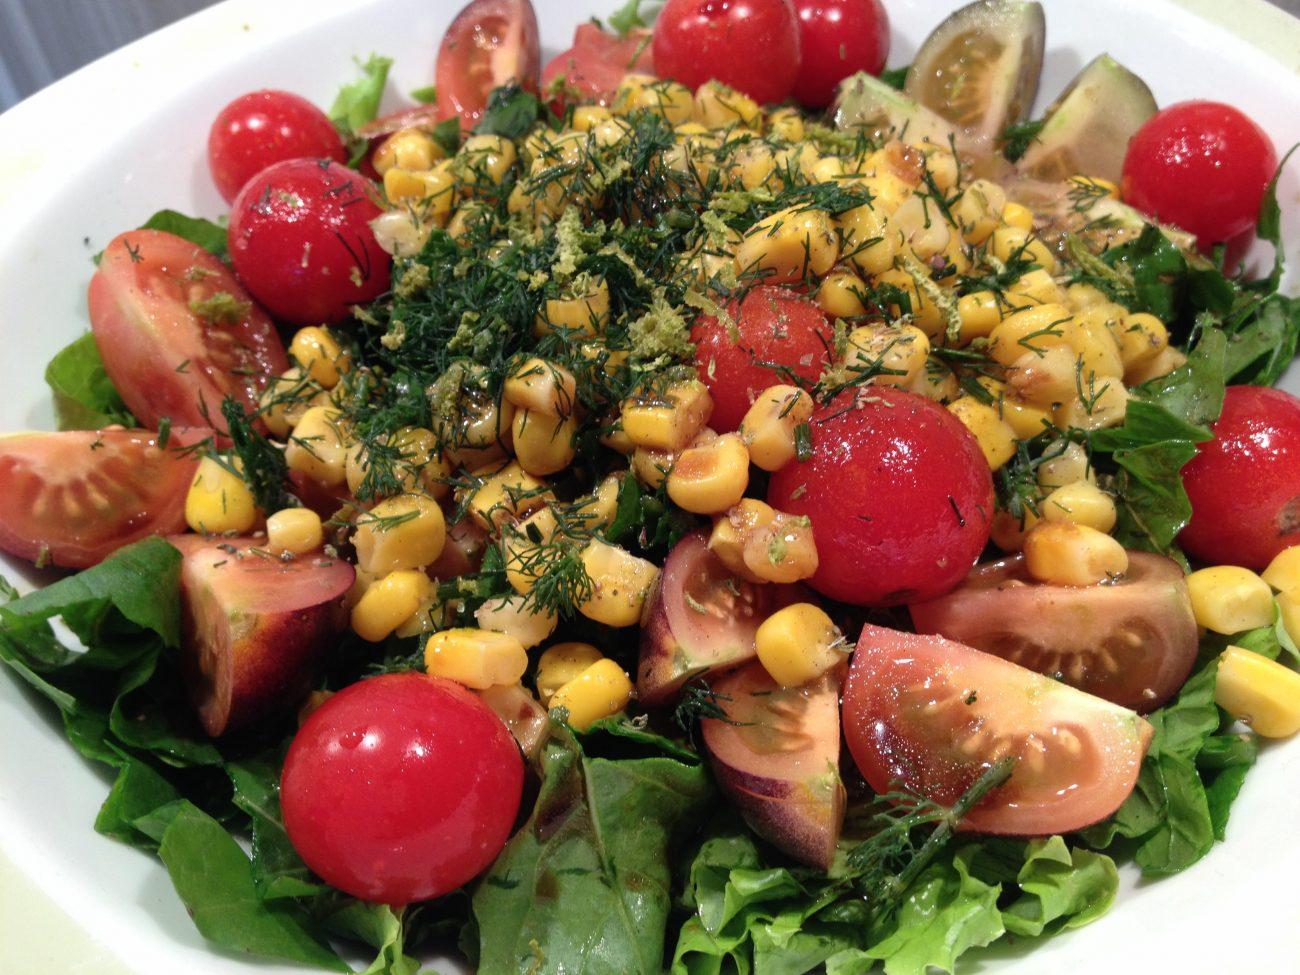 Πράσινη σαλάτα με καλαμπόκι, θυμάρι και κόλιανδρο